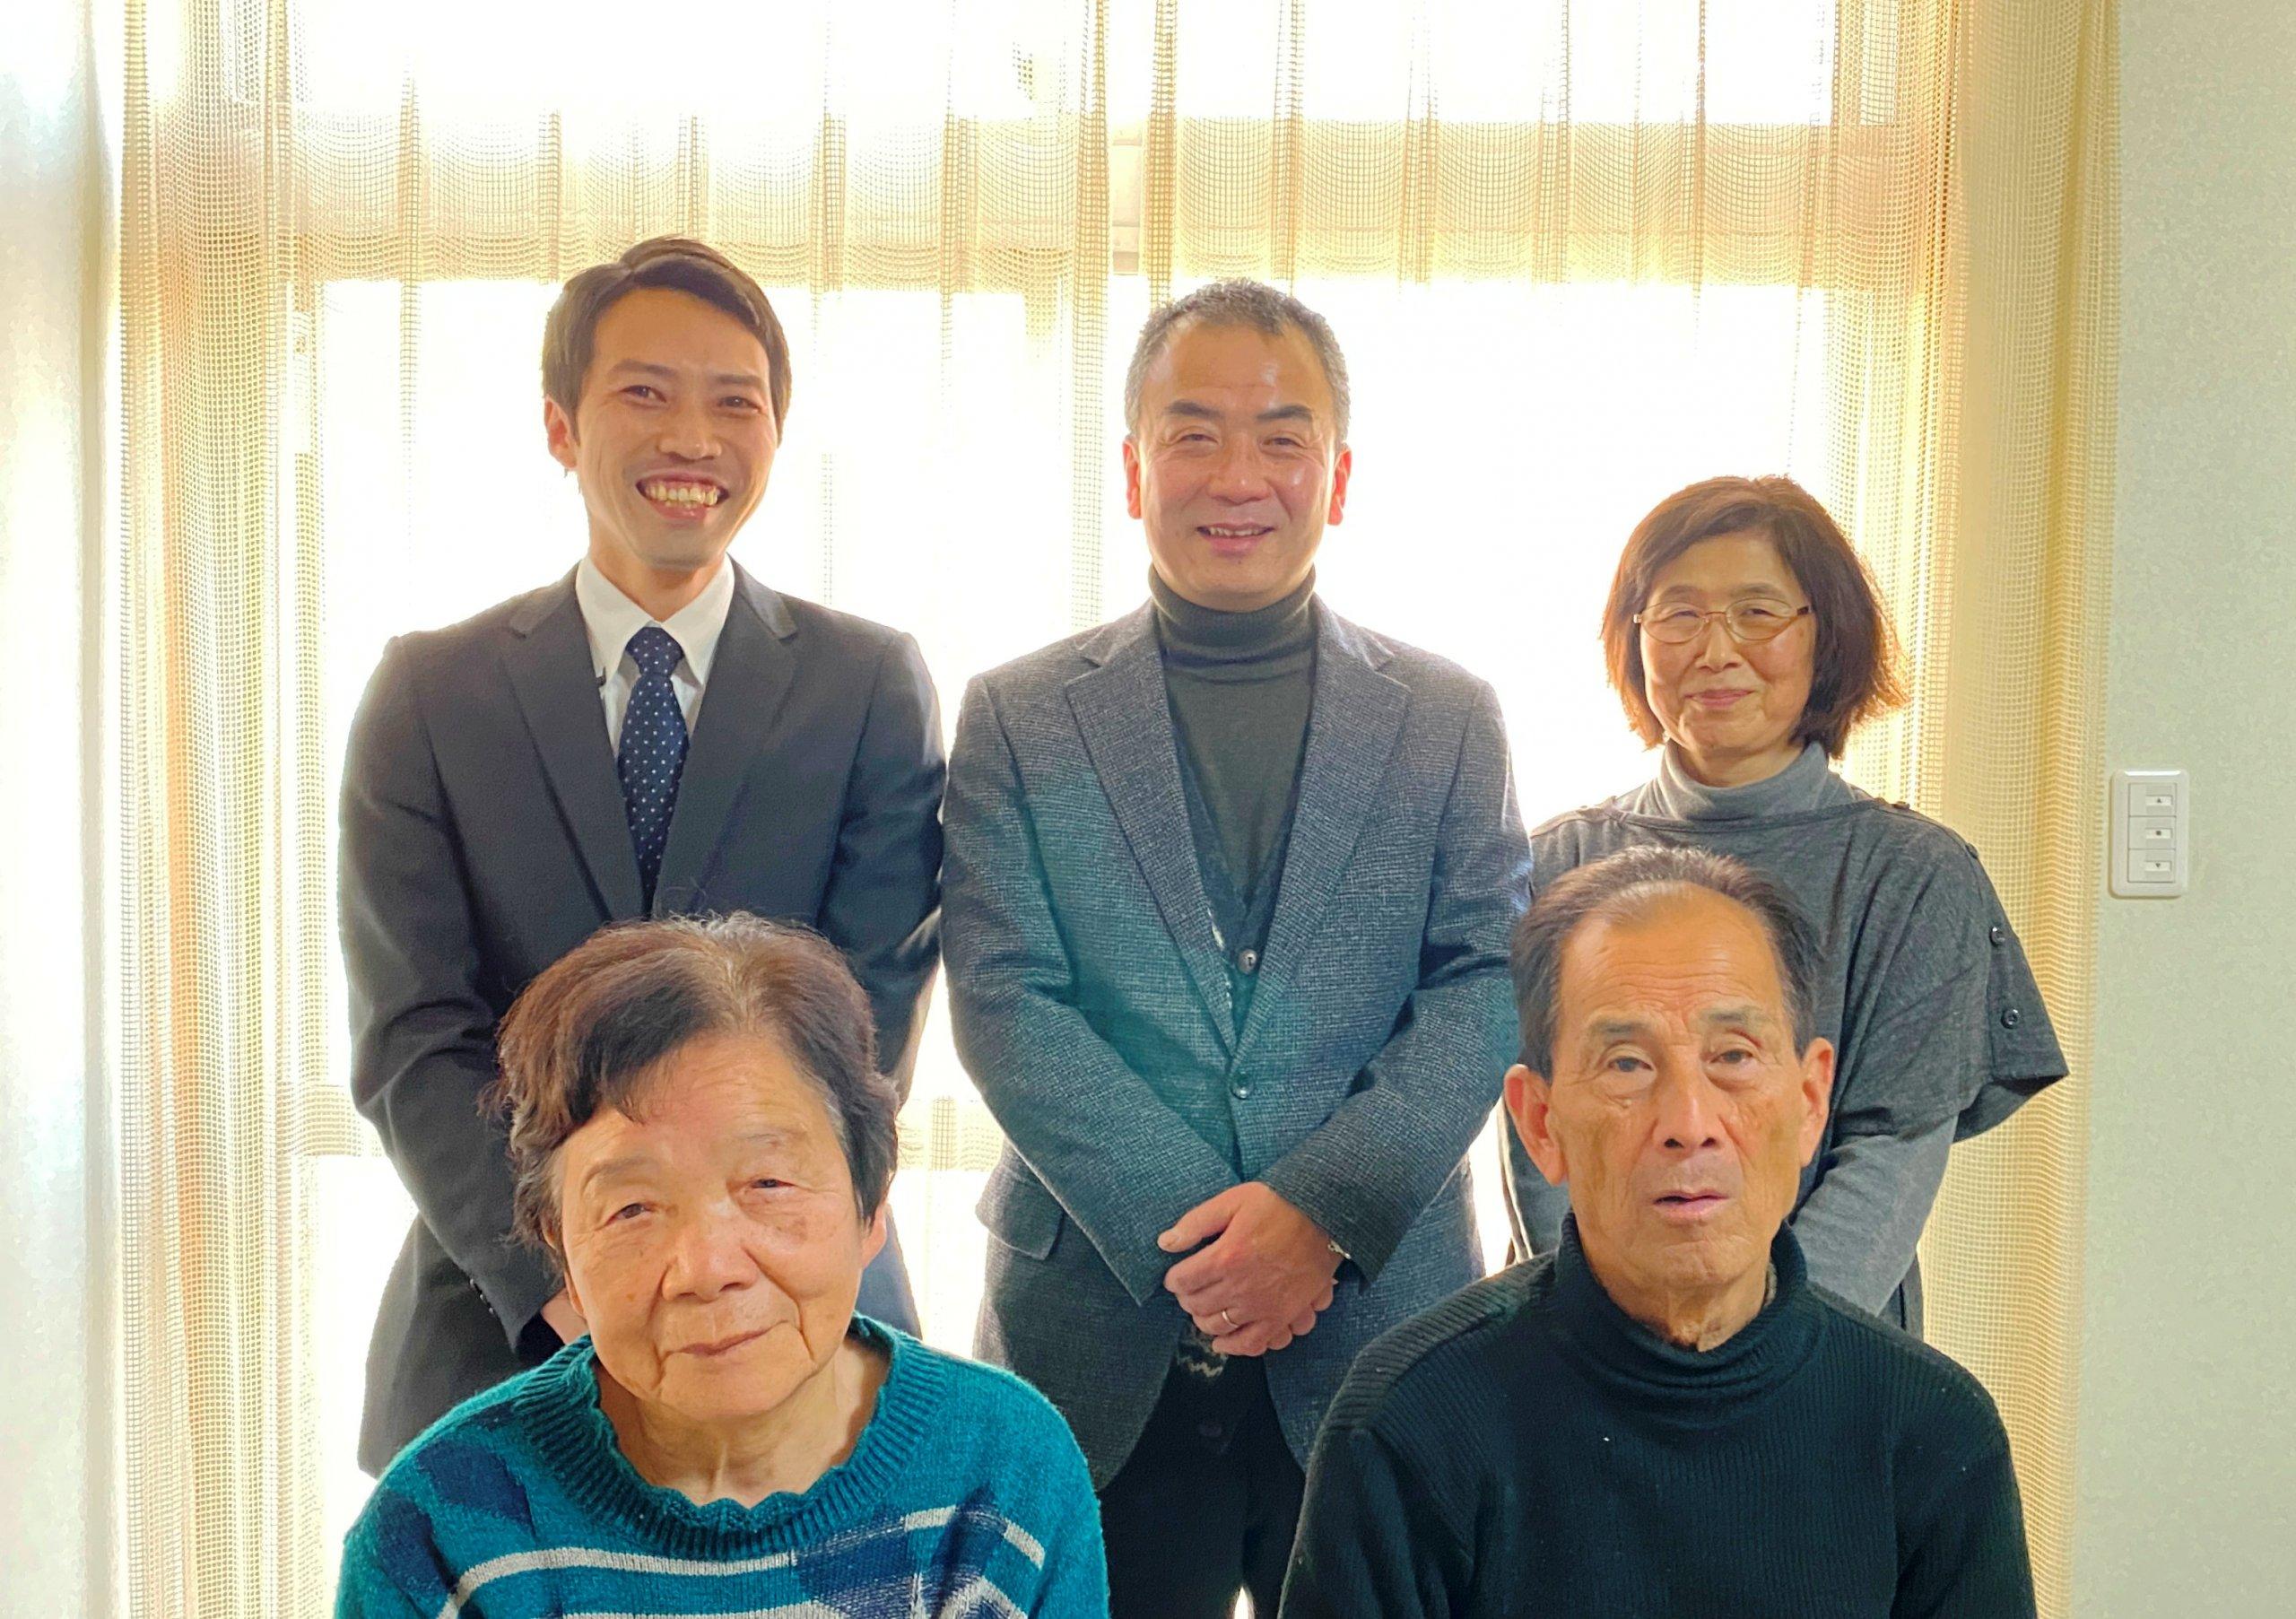 オーナー様ご夫妻(後列中央・右)、ご両親様(前列)と営業担当山川(後列左)